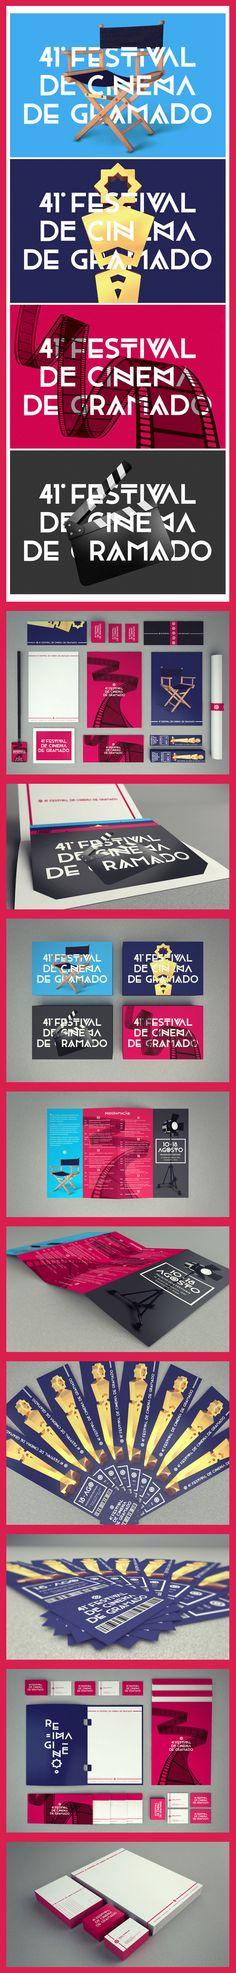 Festival de Cinema de Gramado by Pedro Veneziano